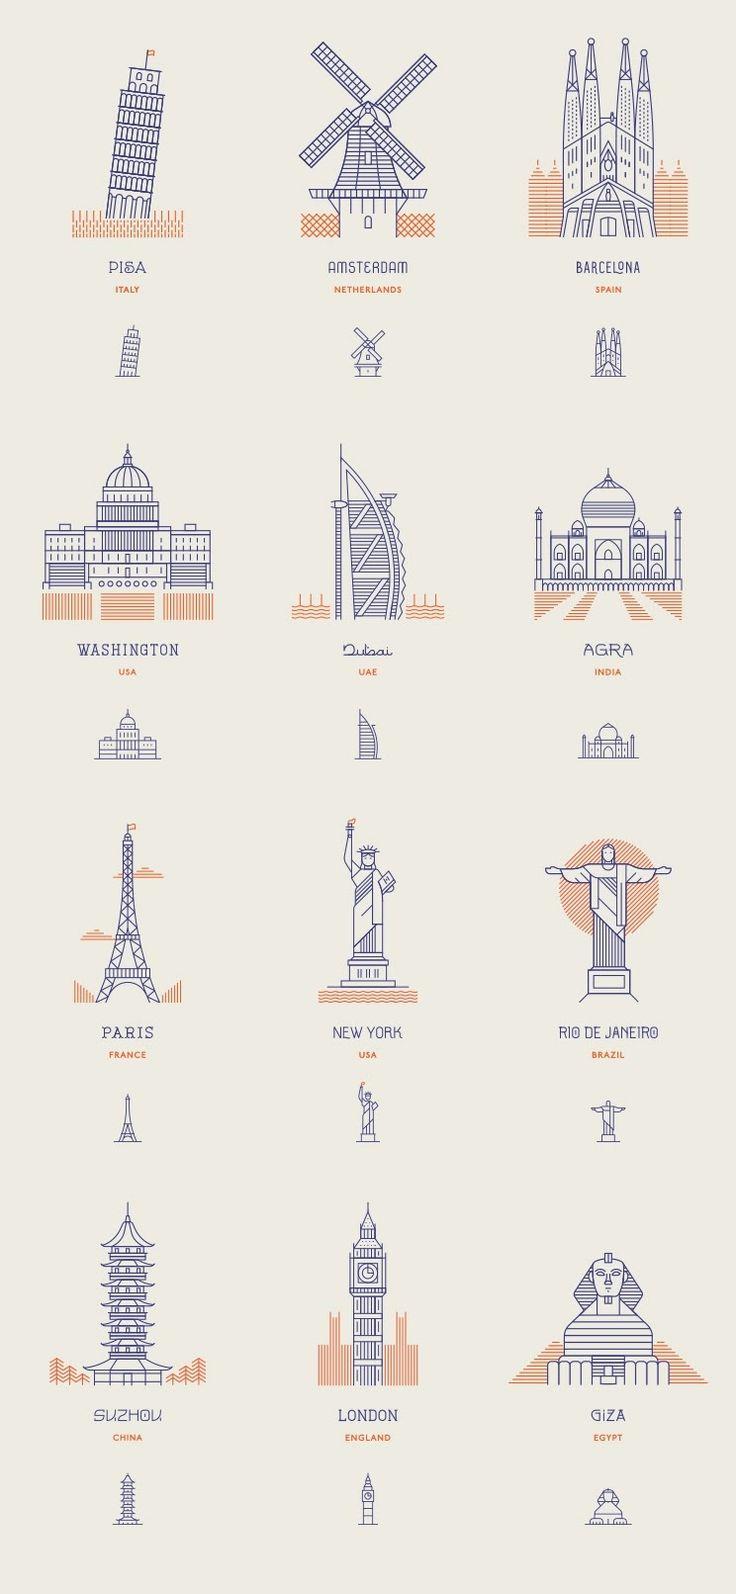 Semiotiek: Voorbeeld van iconische gebouwen en locaties verwerkt tot pictogram.